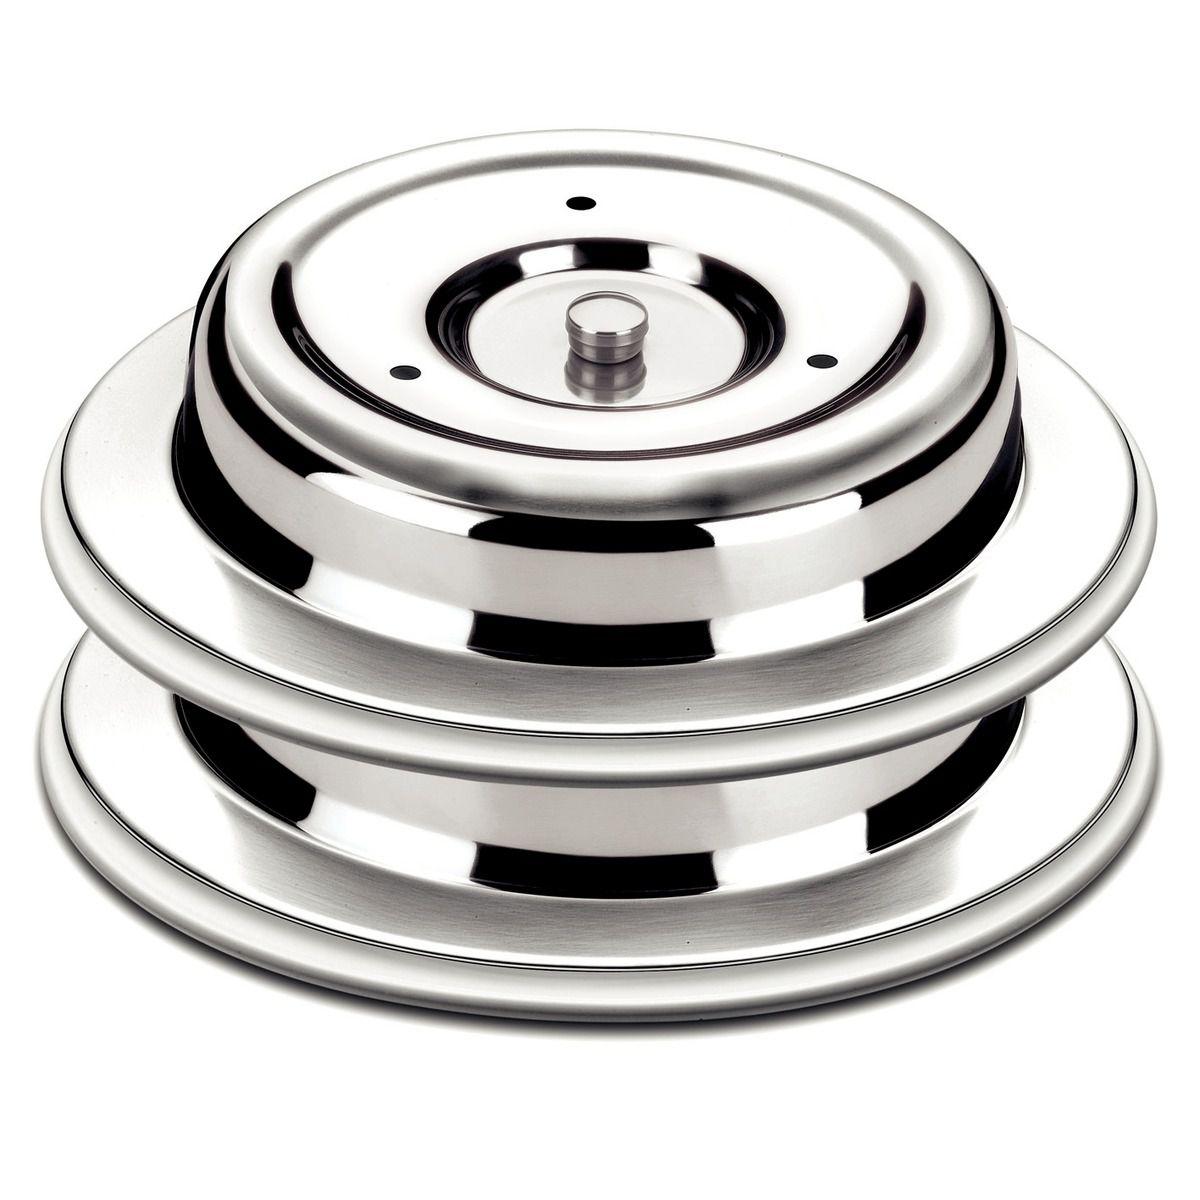 Cloche aço inox 61429/280 | Lojas Estrela